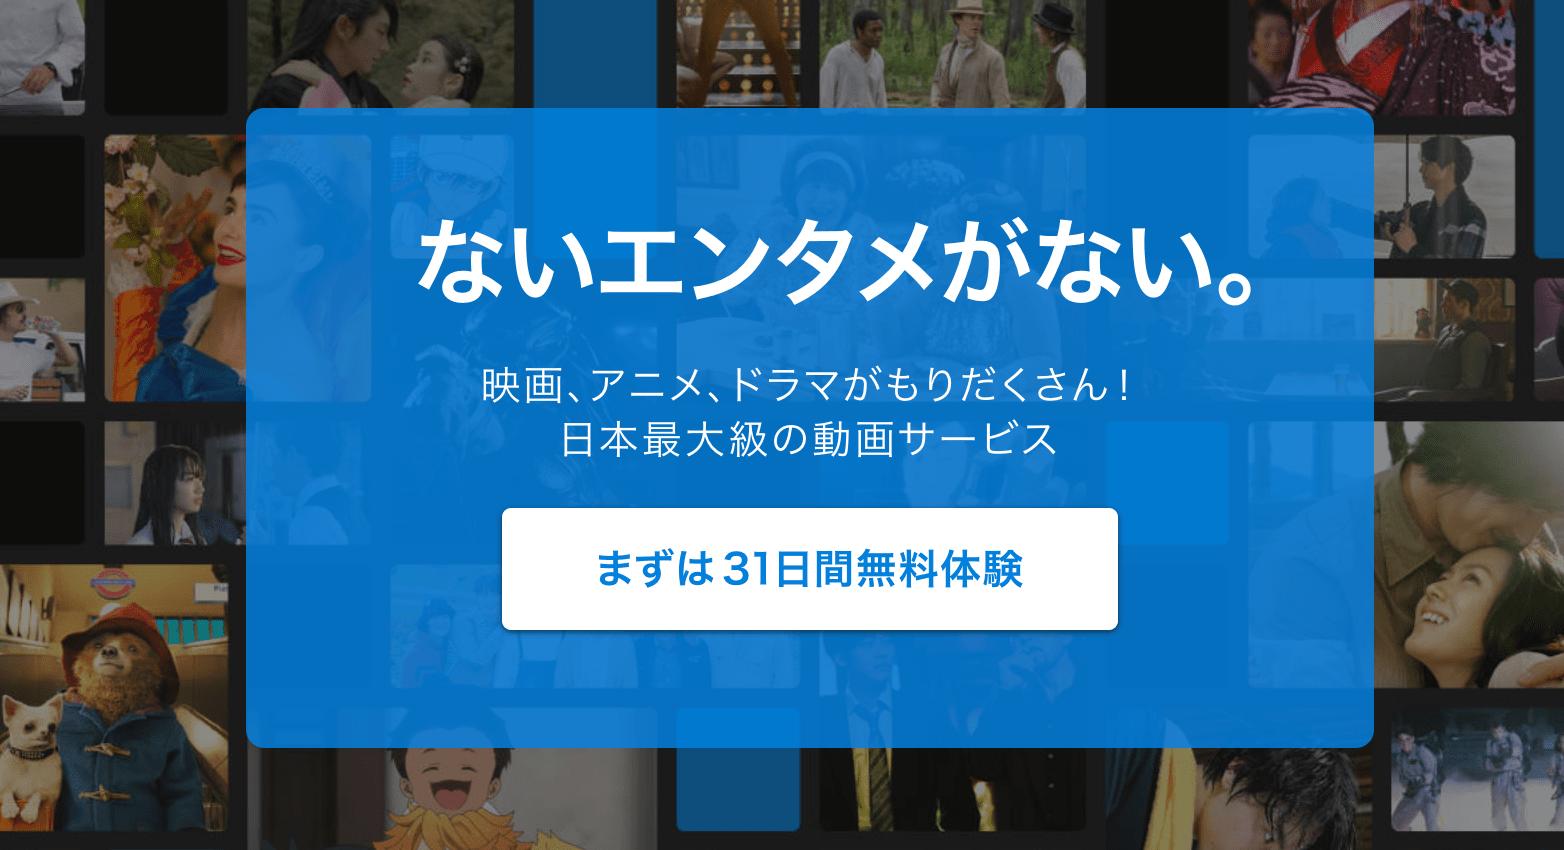 アニメ 無料 動画 anitube アニポ